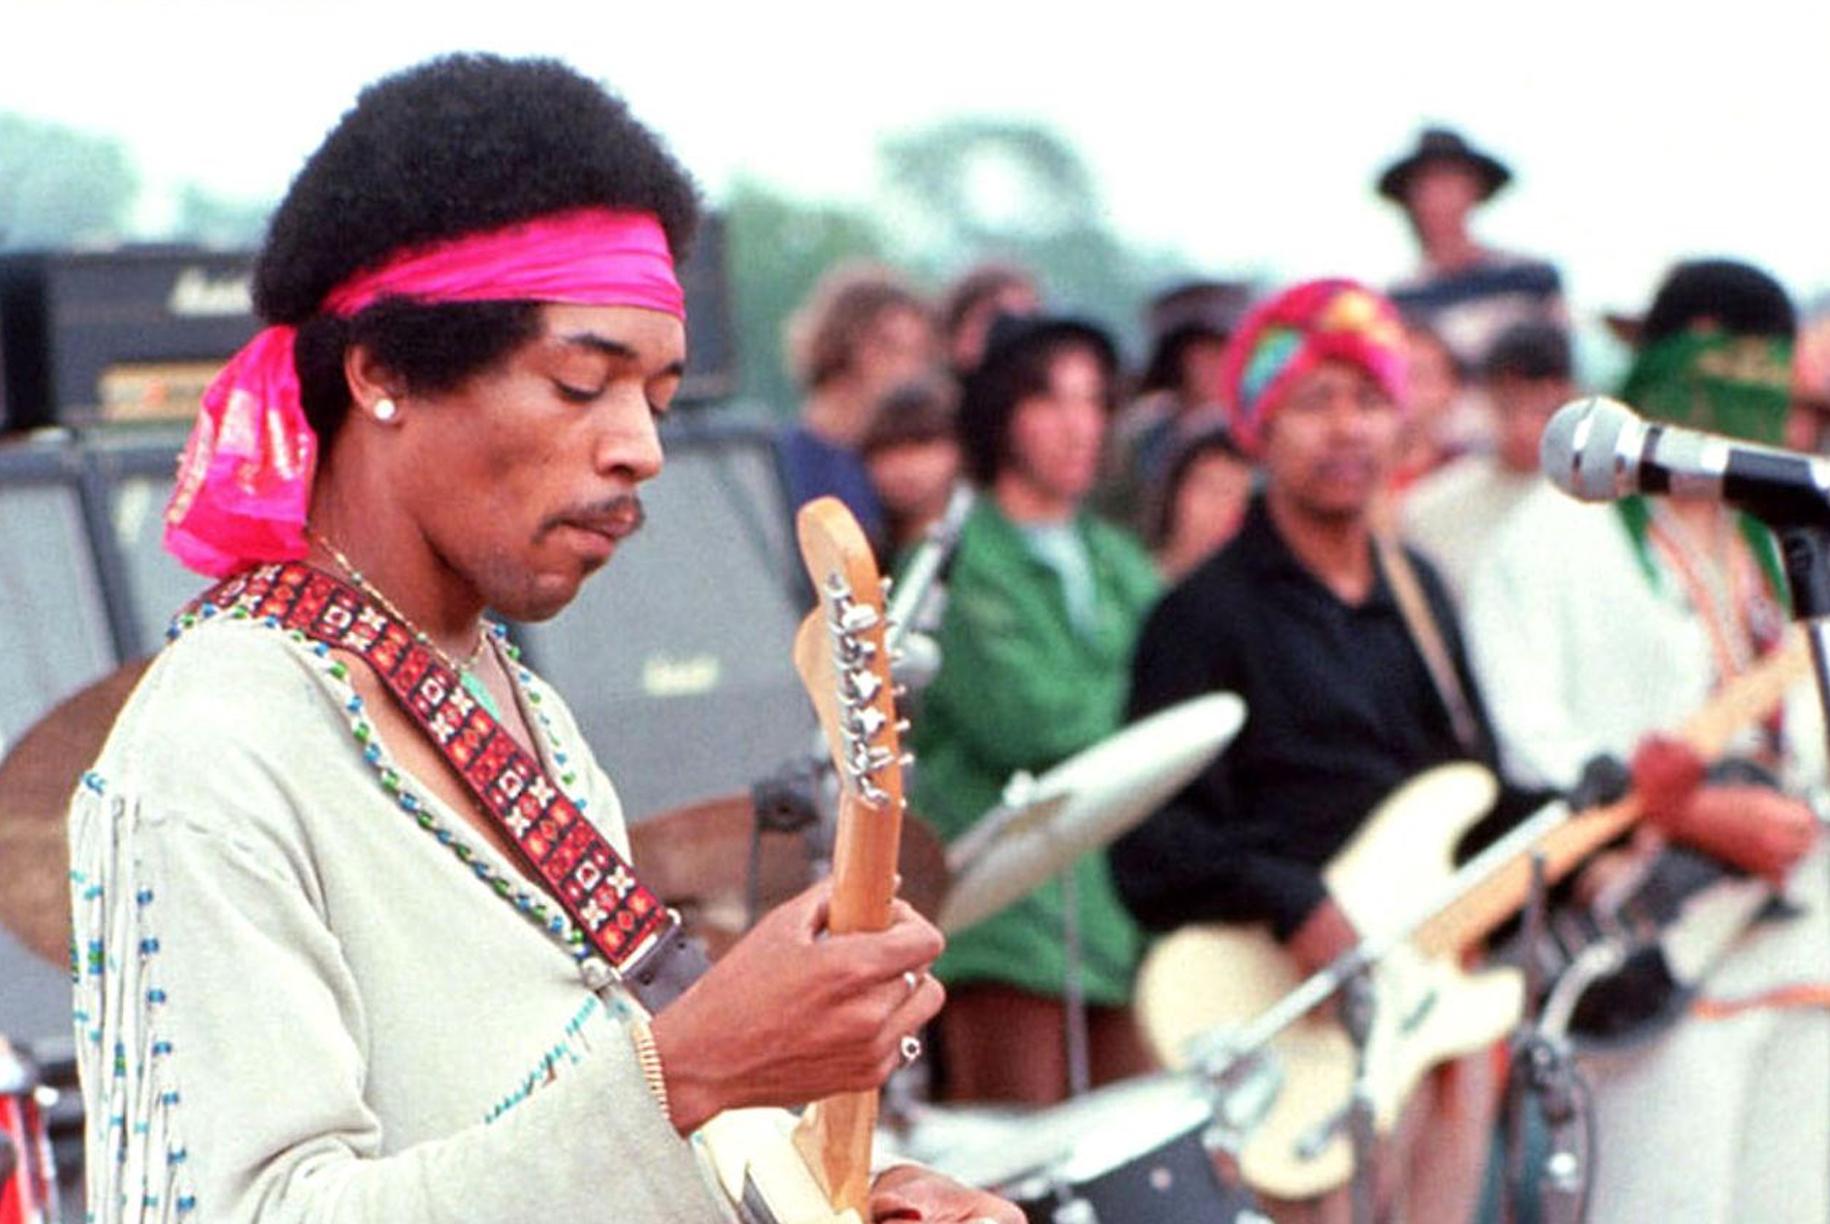 Jimi Hendrix, Woodstock, 1969 by Henry Diltz